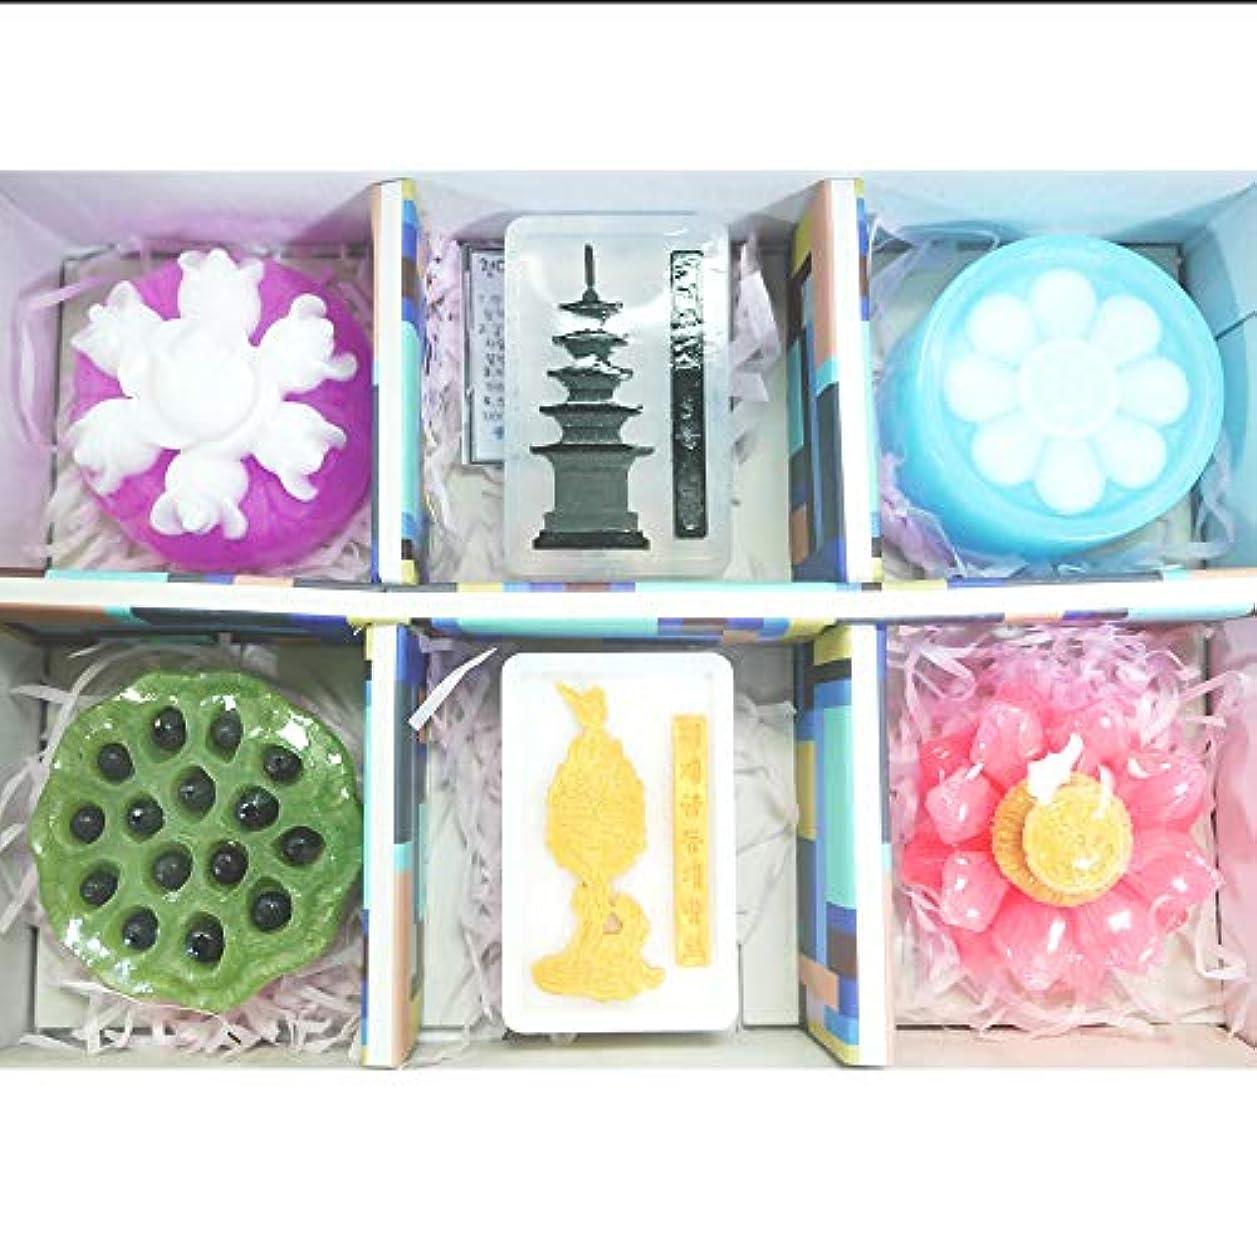 理容室実現可能偽善[ソドン] 韓国 百済 手漉き石鹸 1 セット(3.5オンスx 6石鹸)